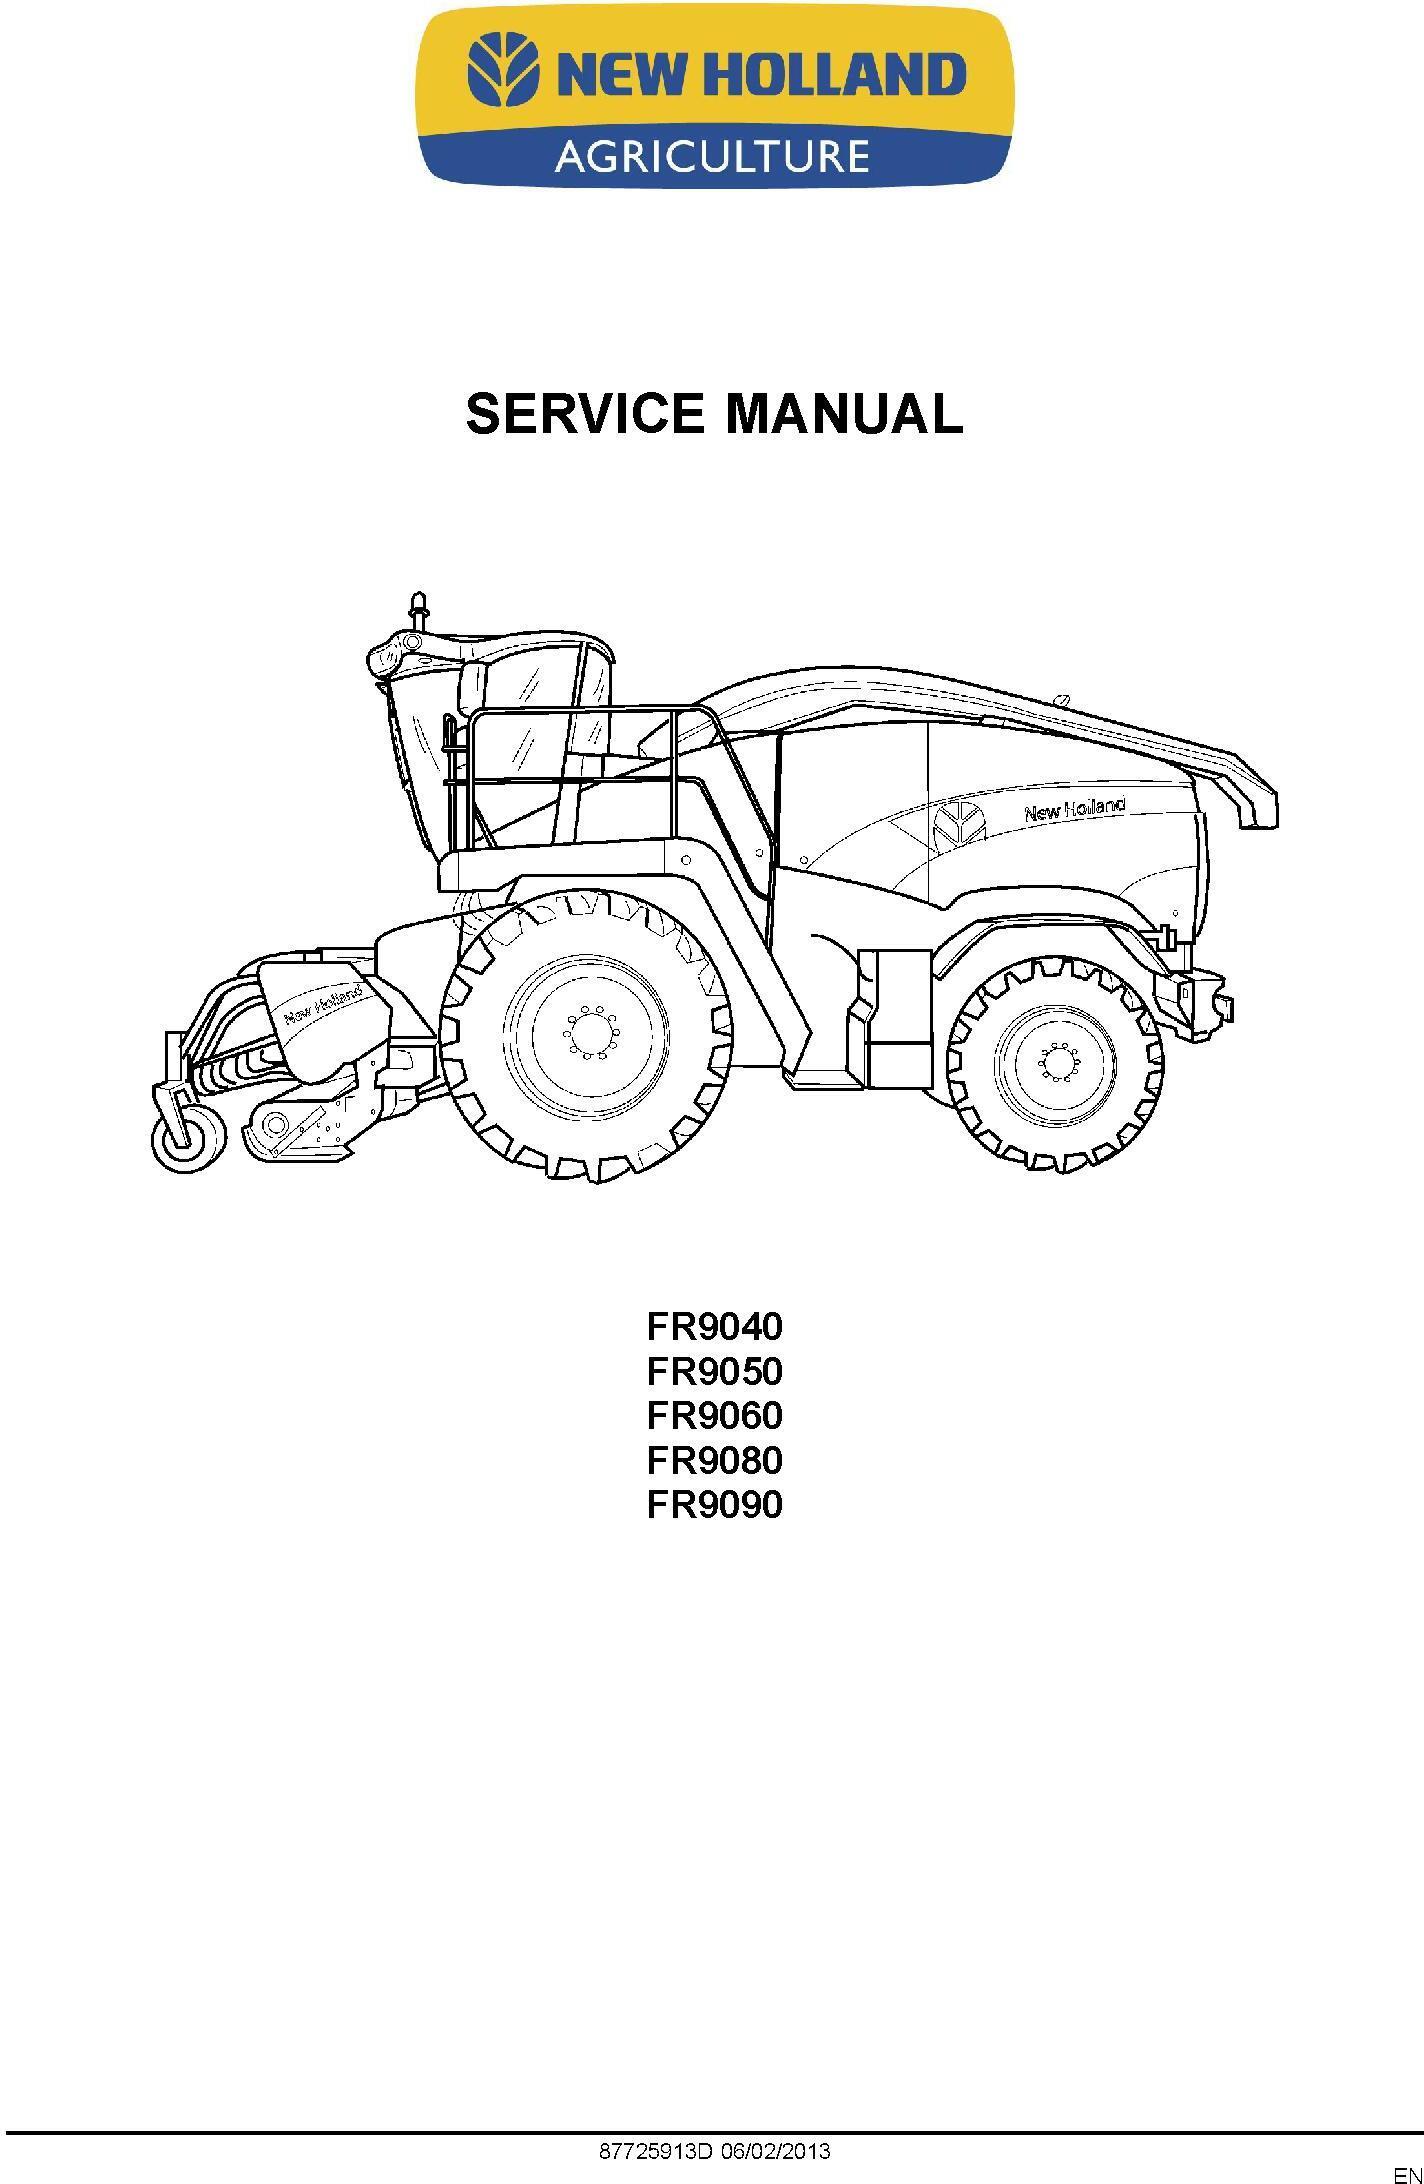 New Holland FR9040, FR9050, FR9060, FR9080, FR9090 Forage Harvester Service Manual - 1